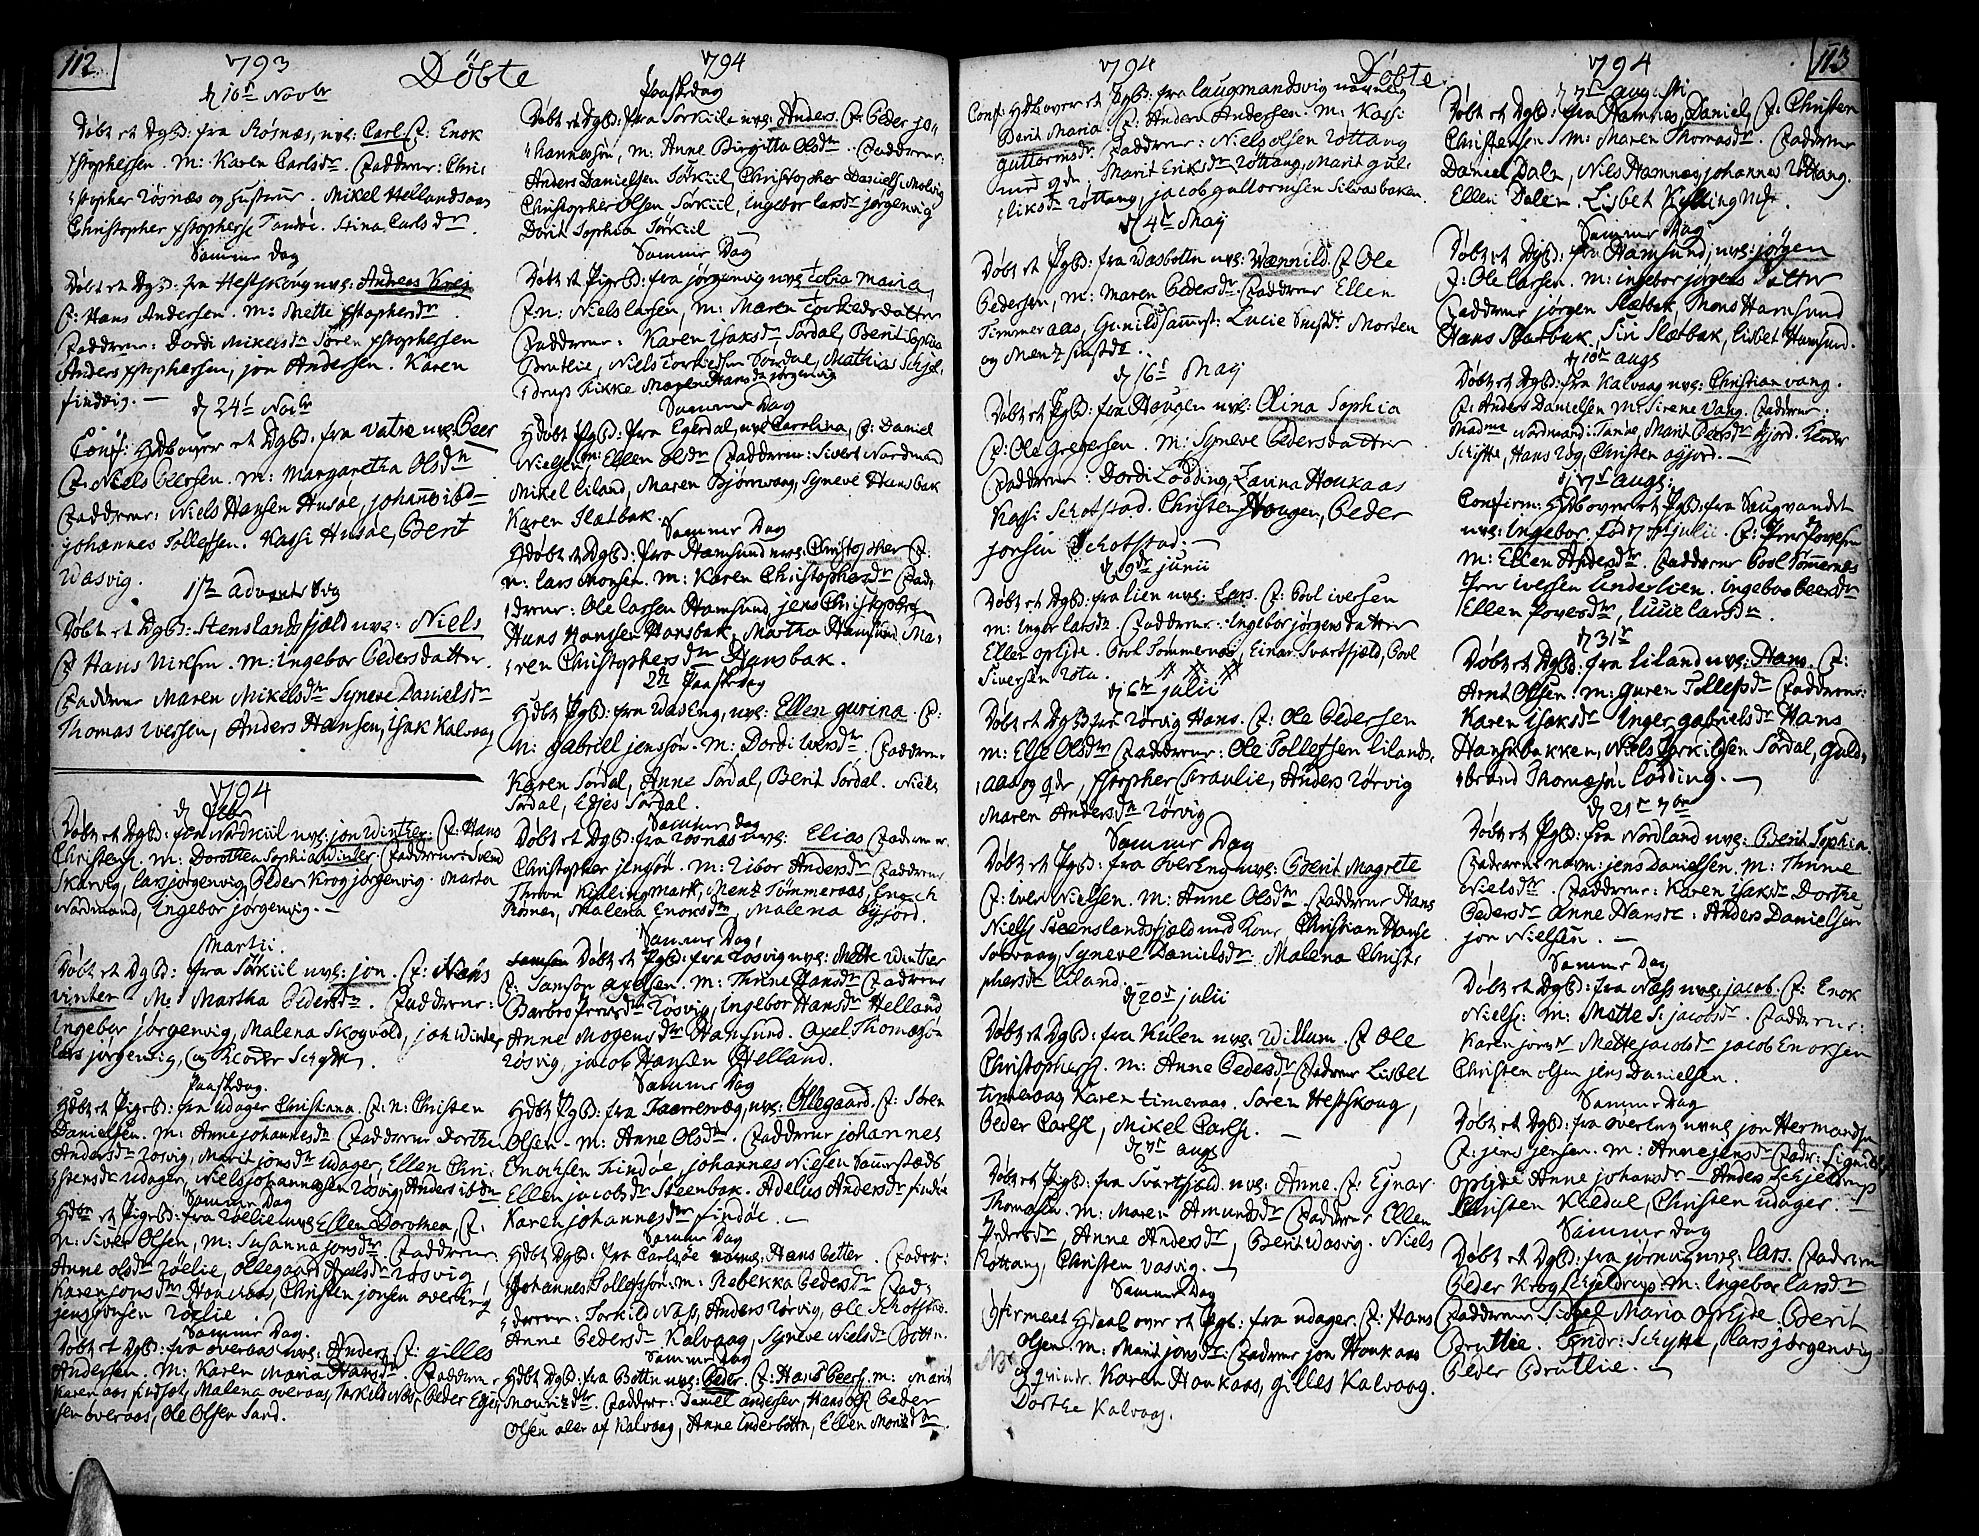 SAT, Ministerialprotokoller, klokkerbøker og fødselsregistre - Nordland, 859/L0841: Parish register (official) no. 859A01, 1766-1821, p. 112-113